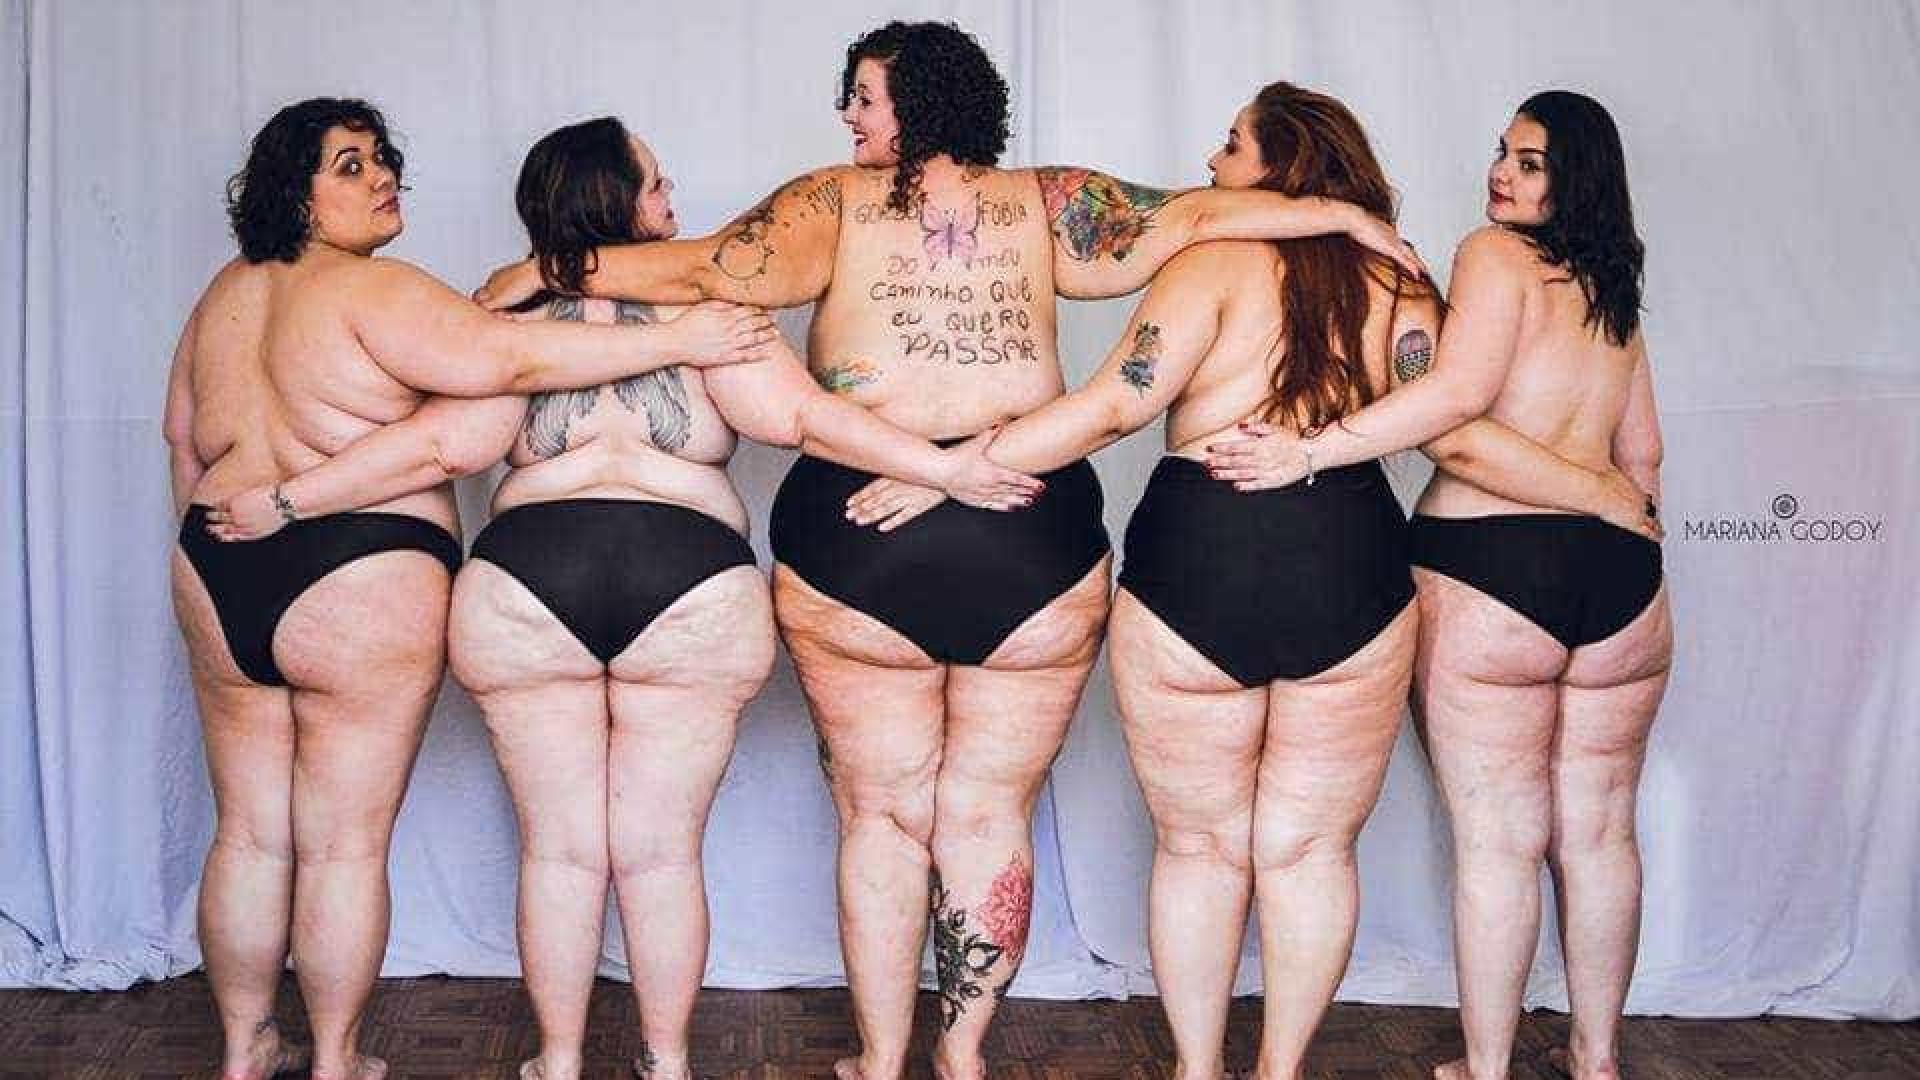 Смотреть онлайн жирные бабы, Жирные женщины на Порно Тигр 27 фотография